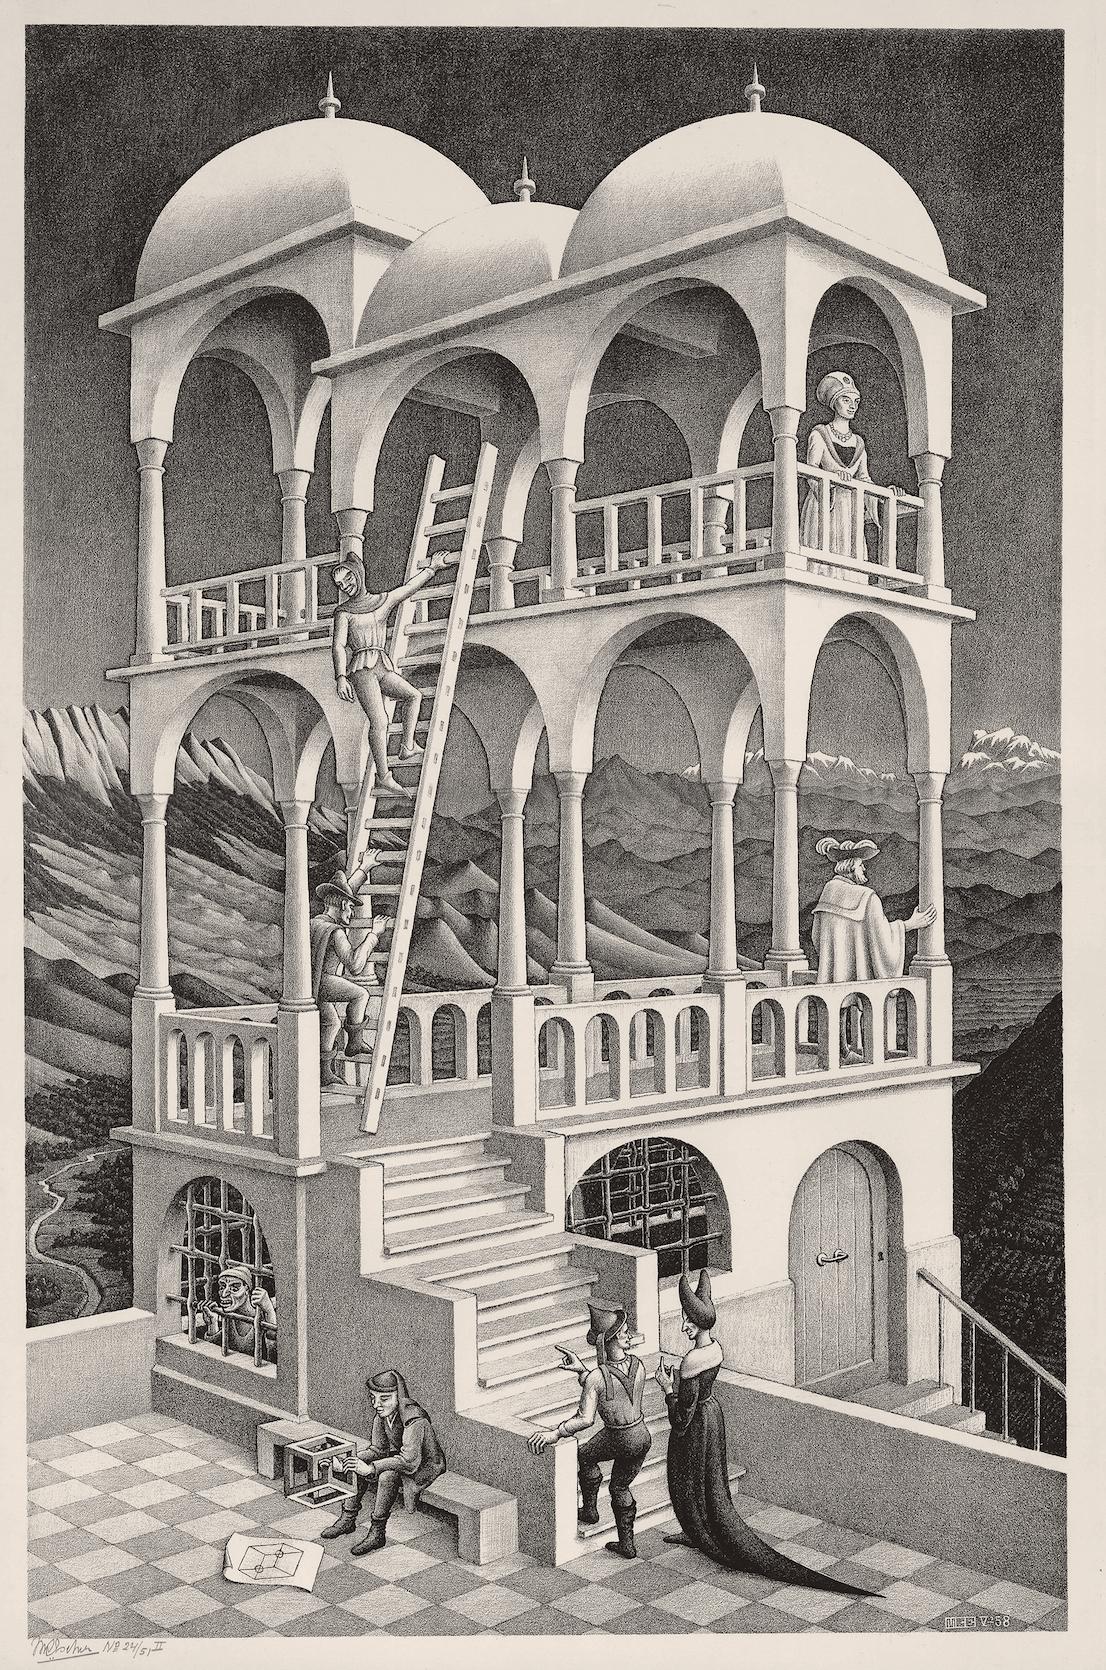 Maurits Cornelis Escher Belvedere maggio 1958 litografia, 462 x 295 mm Collezione Federico Giudiceandrea All M.C. Escher works © 2014 The M.C. Escher Company. All rights reserved www.mcescher.com